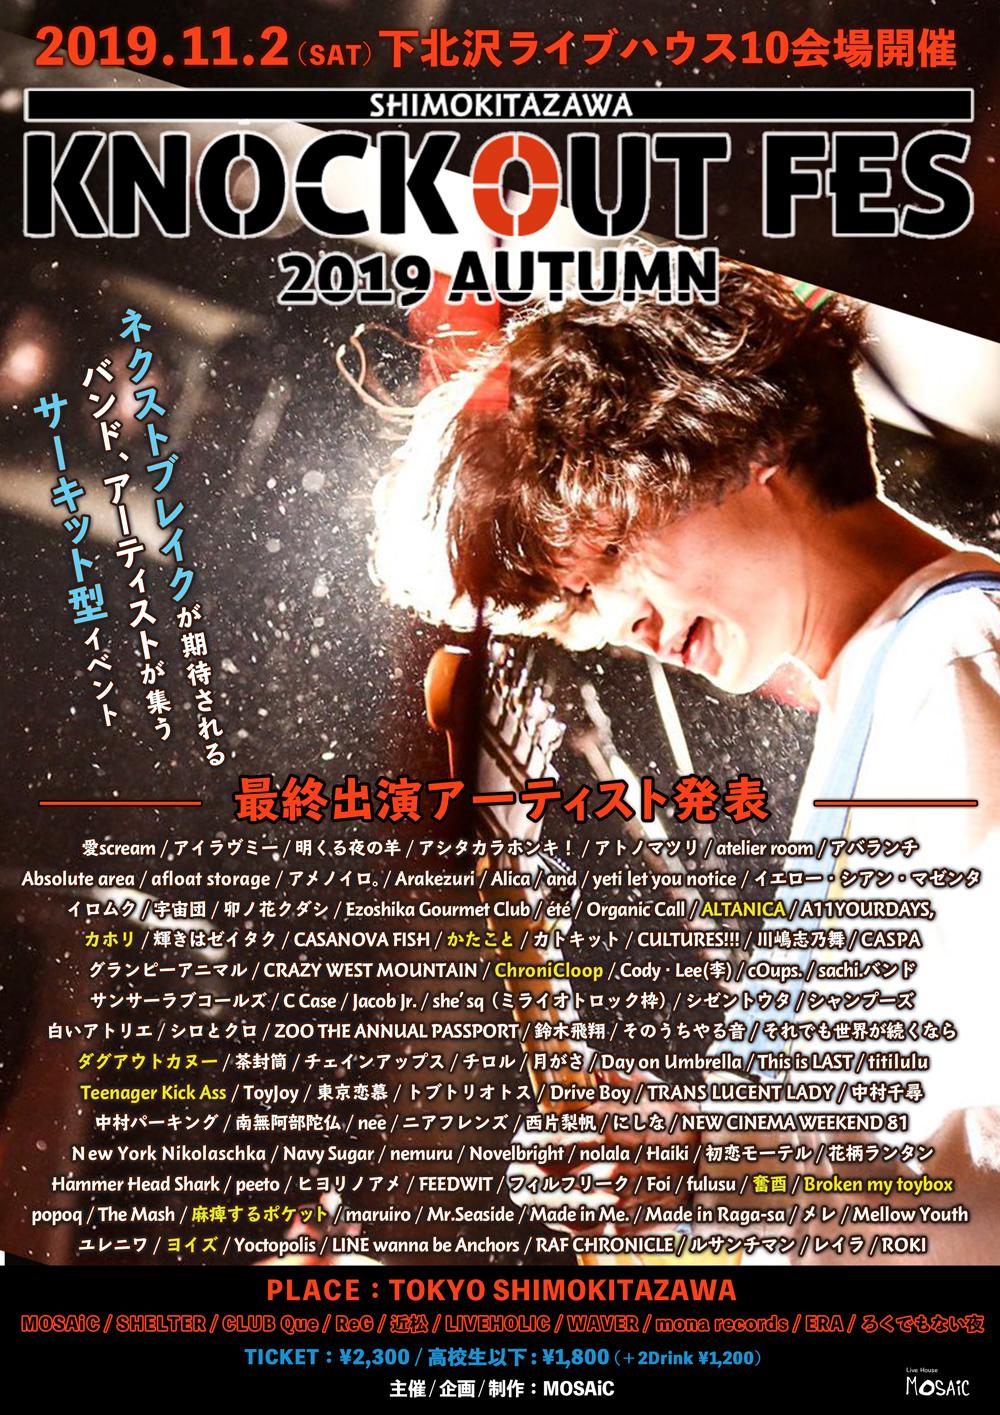 『KNOCKOUT FES 2019 autumn』